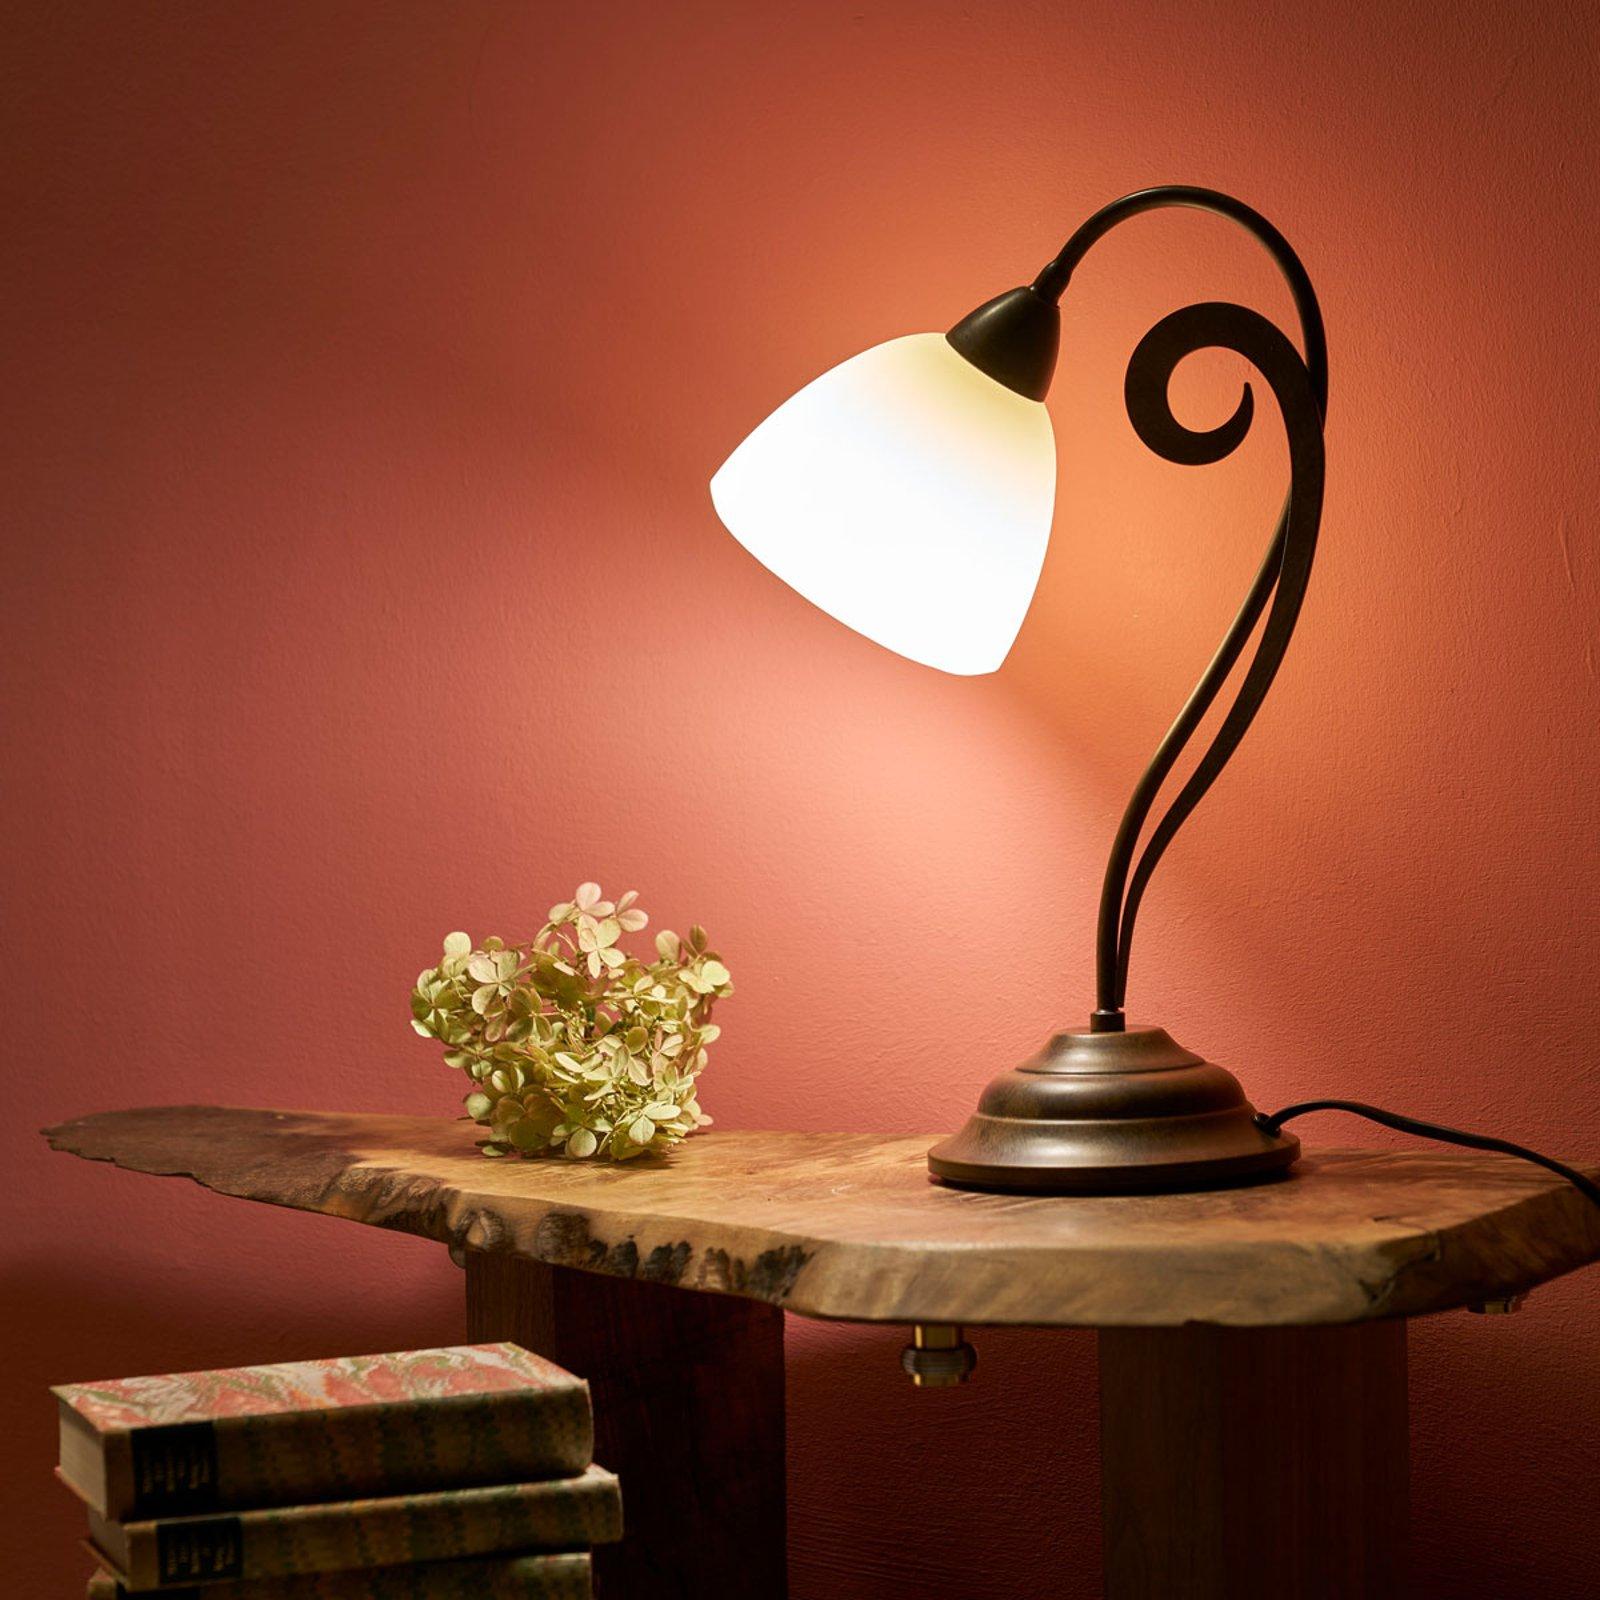 Luca - velformet bordlampe i landlig stil